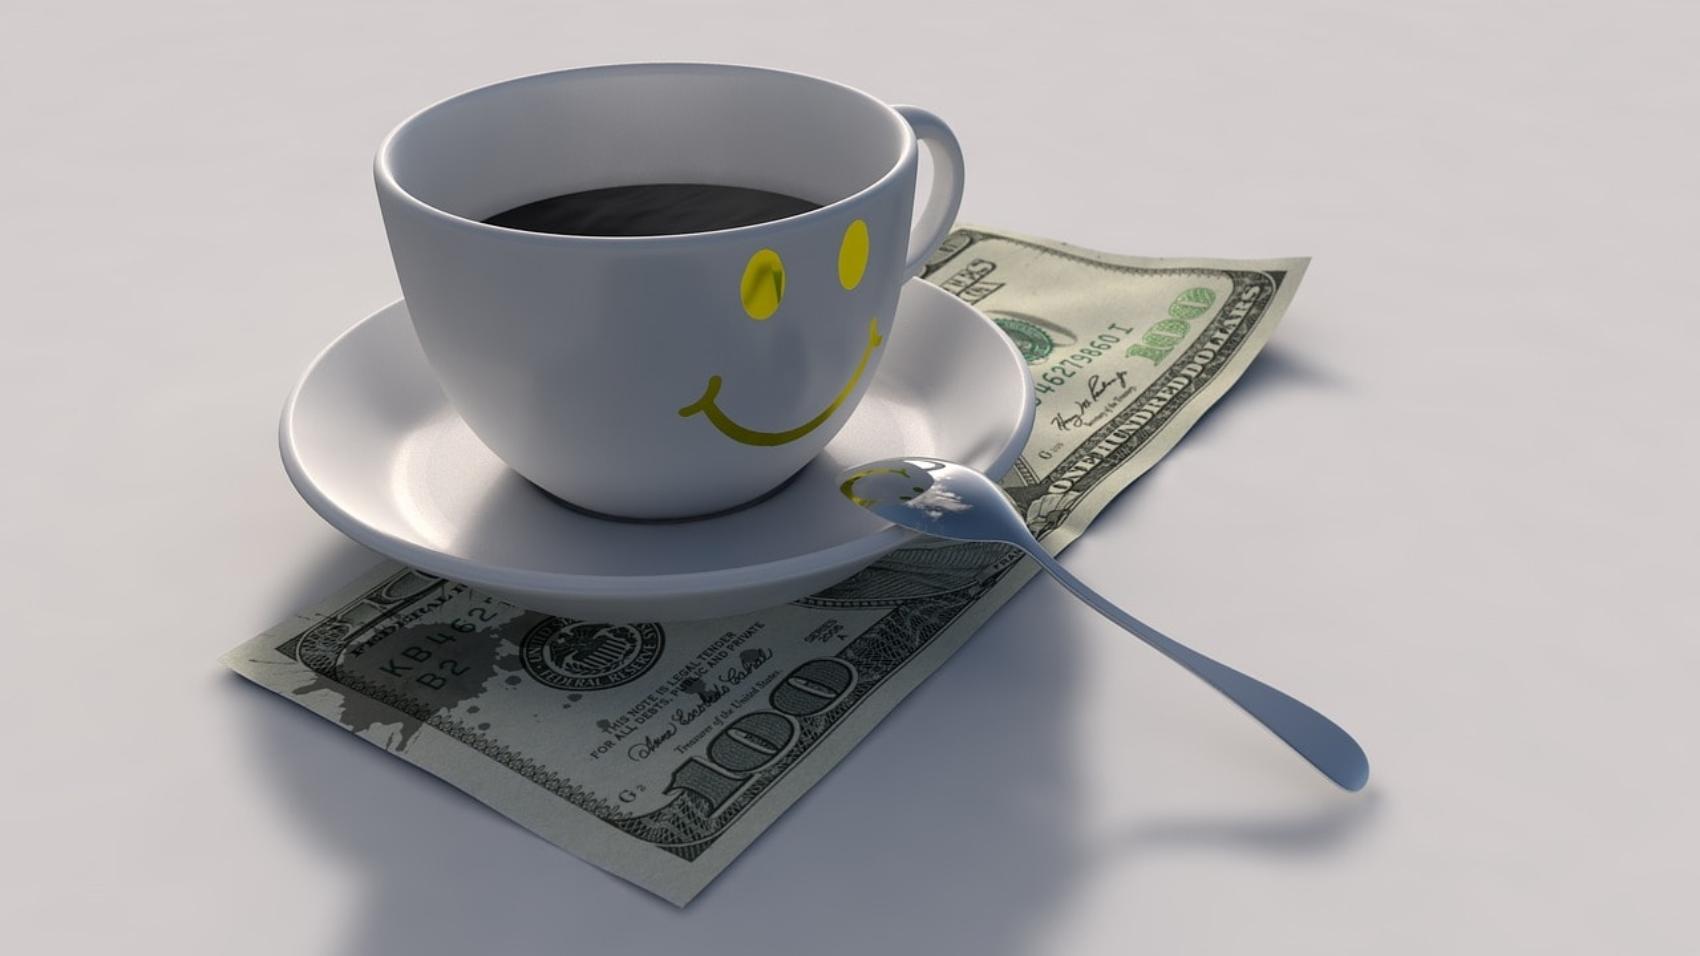 4 Ways to Make Saving Money on Grocery Fun